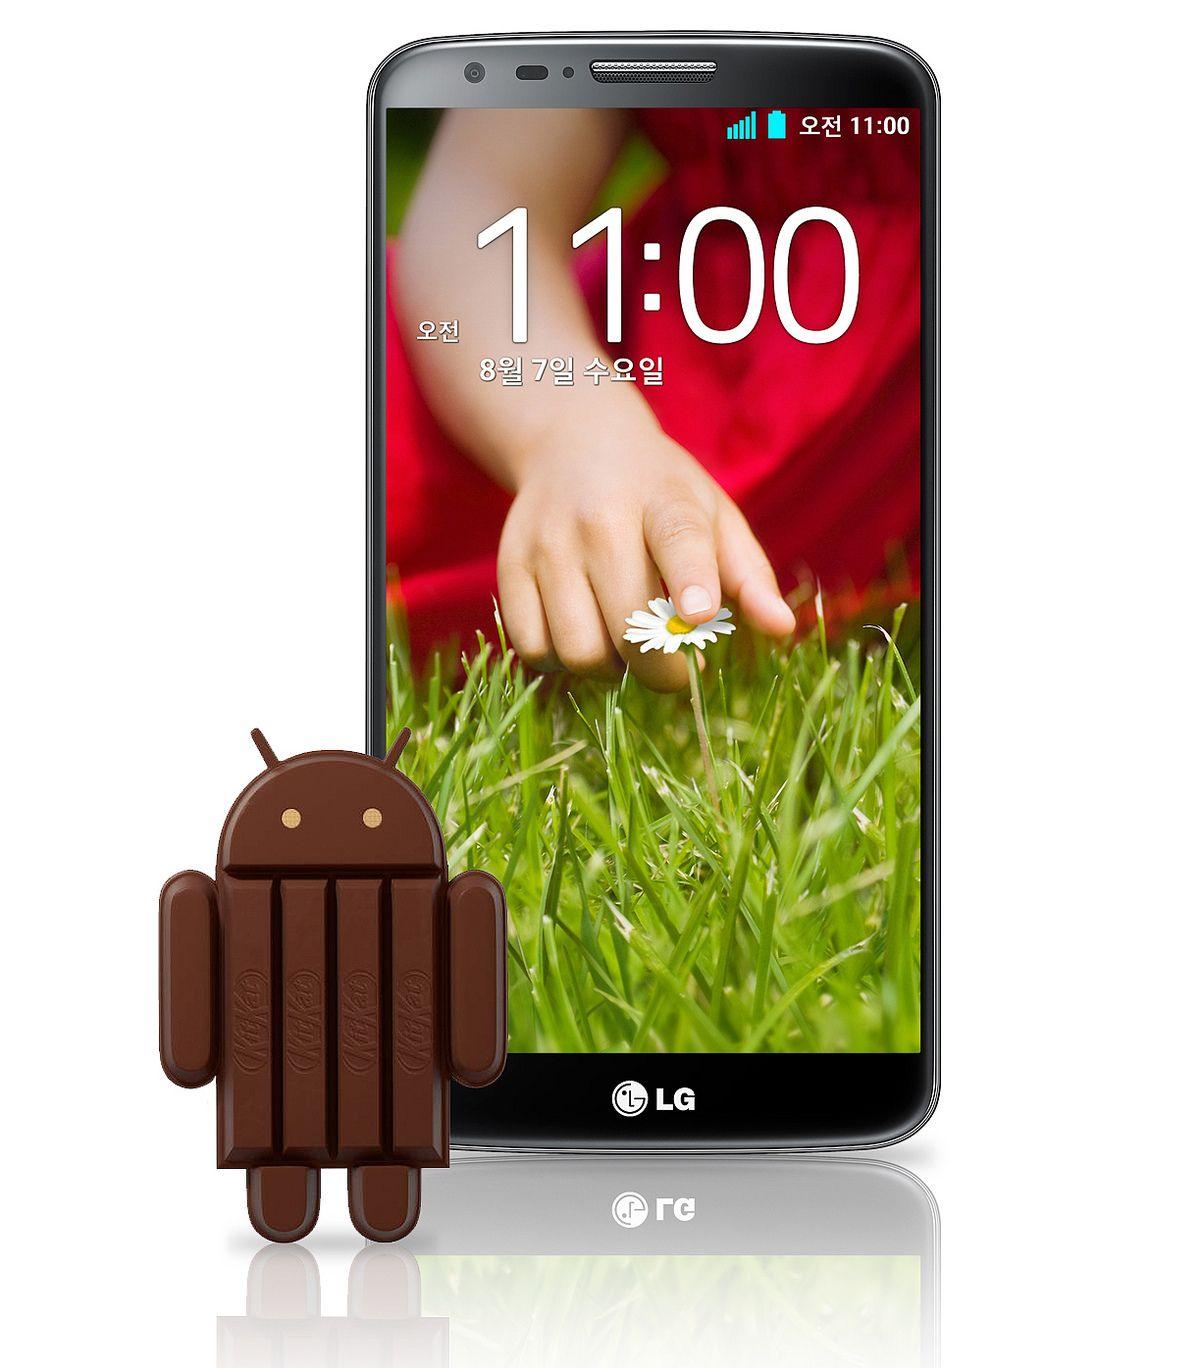 LG G2 : la mise à jour vers KitKat (Android 4.4.2) a commencé !